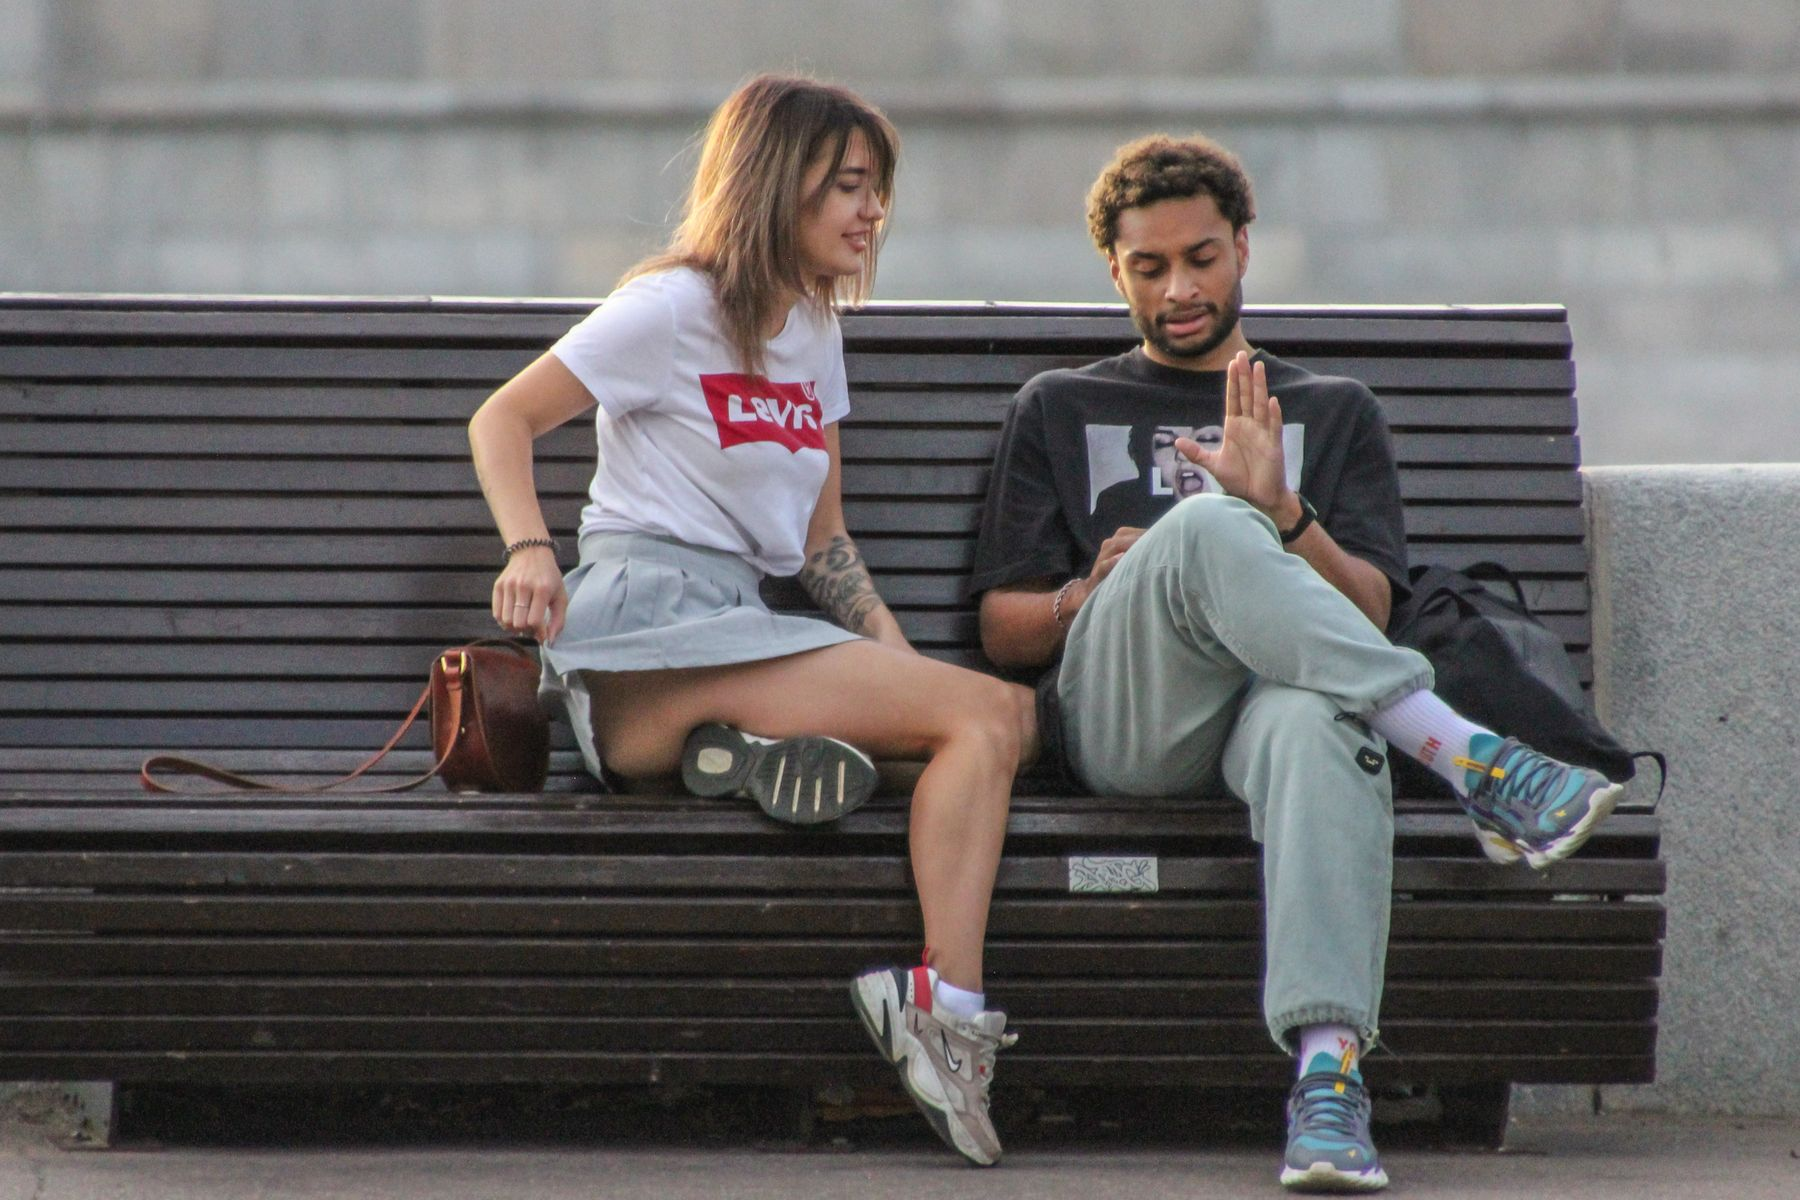 Видишь, нет кольца юноша девушка общение скамейка до пандемии